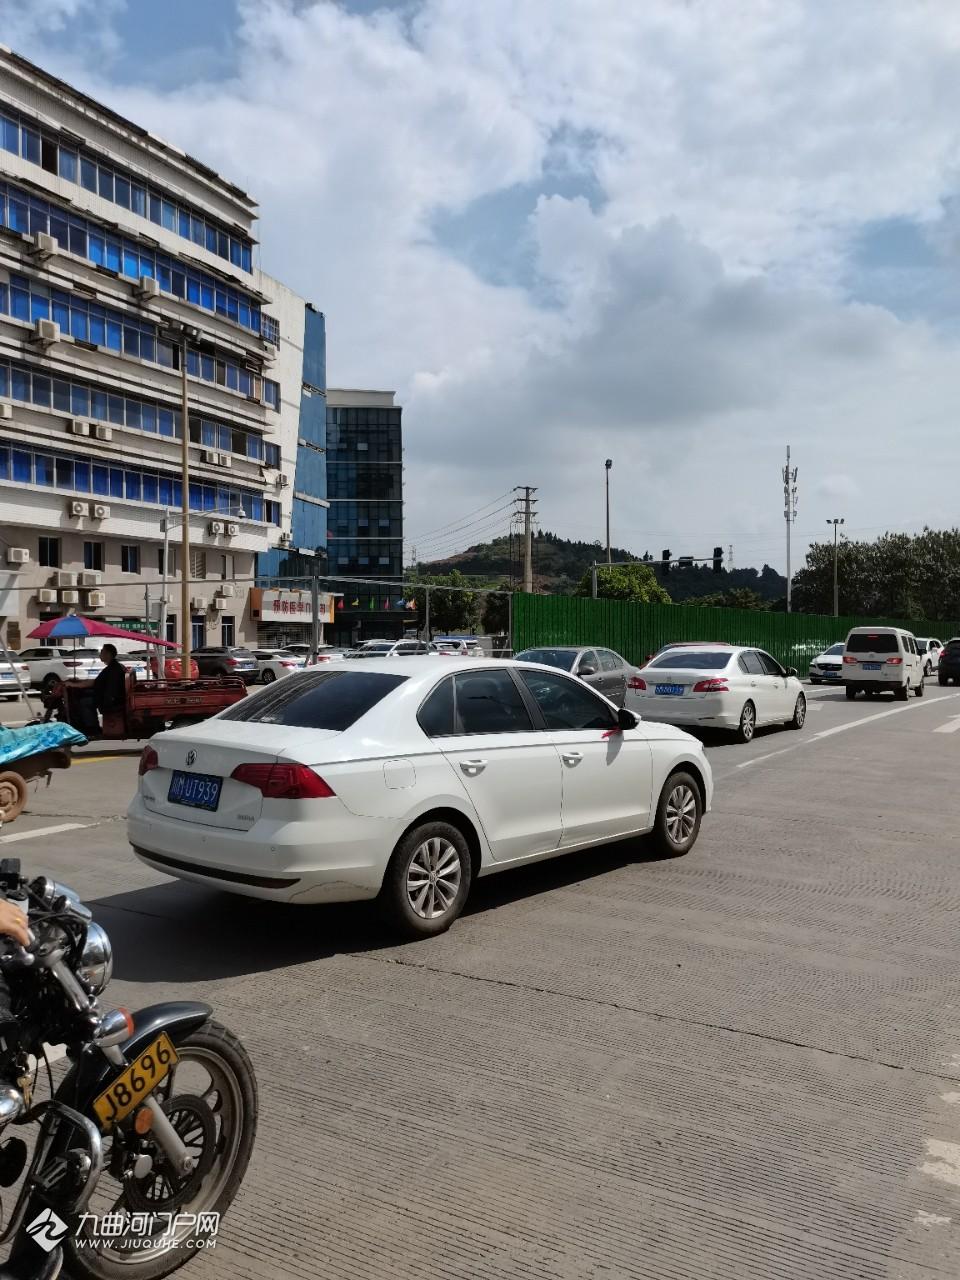 資陽大千路開始打圍了,現在已經是半道封閉,過往車輛請注意安全!